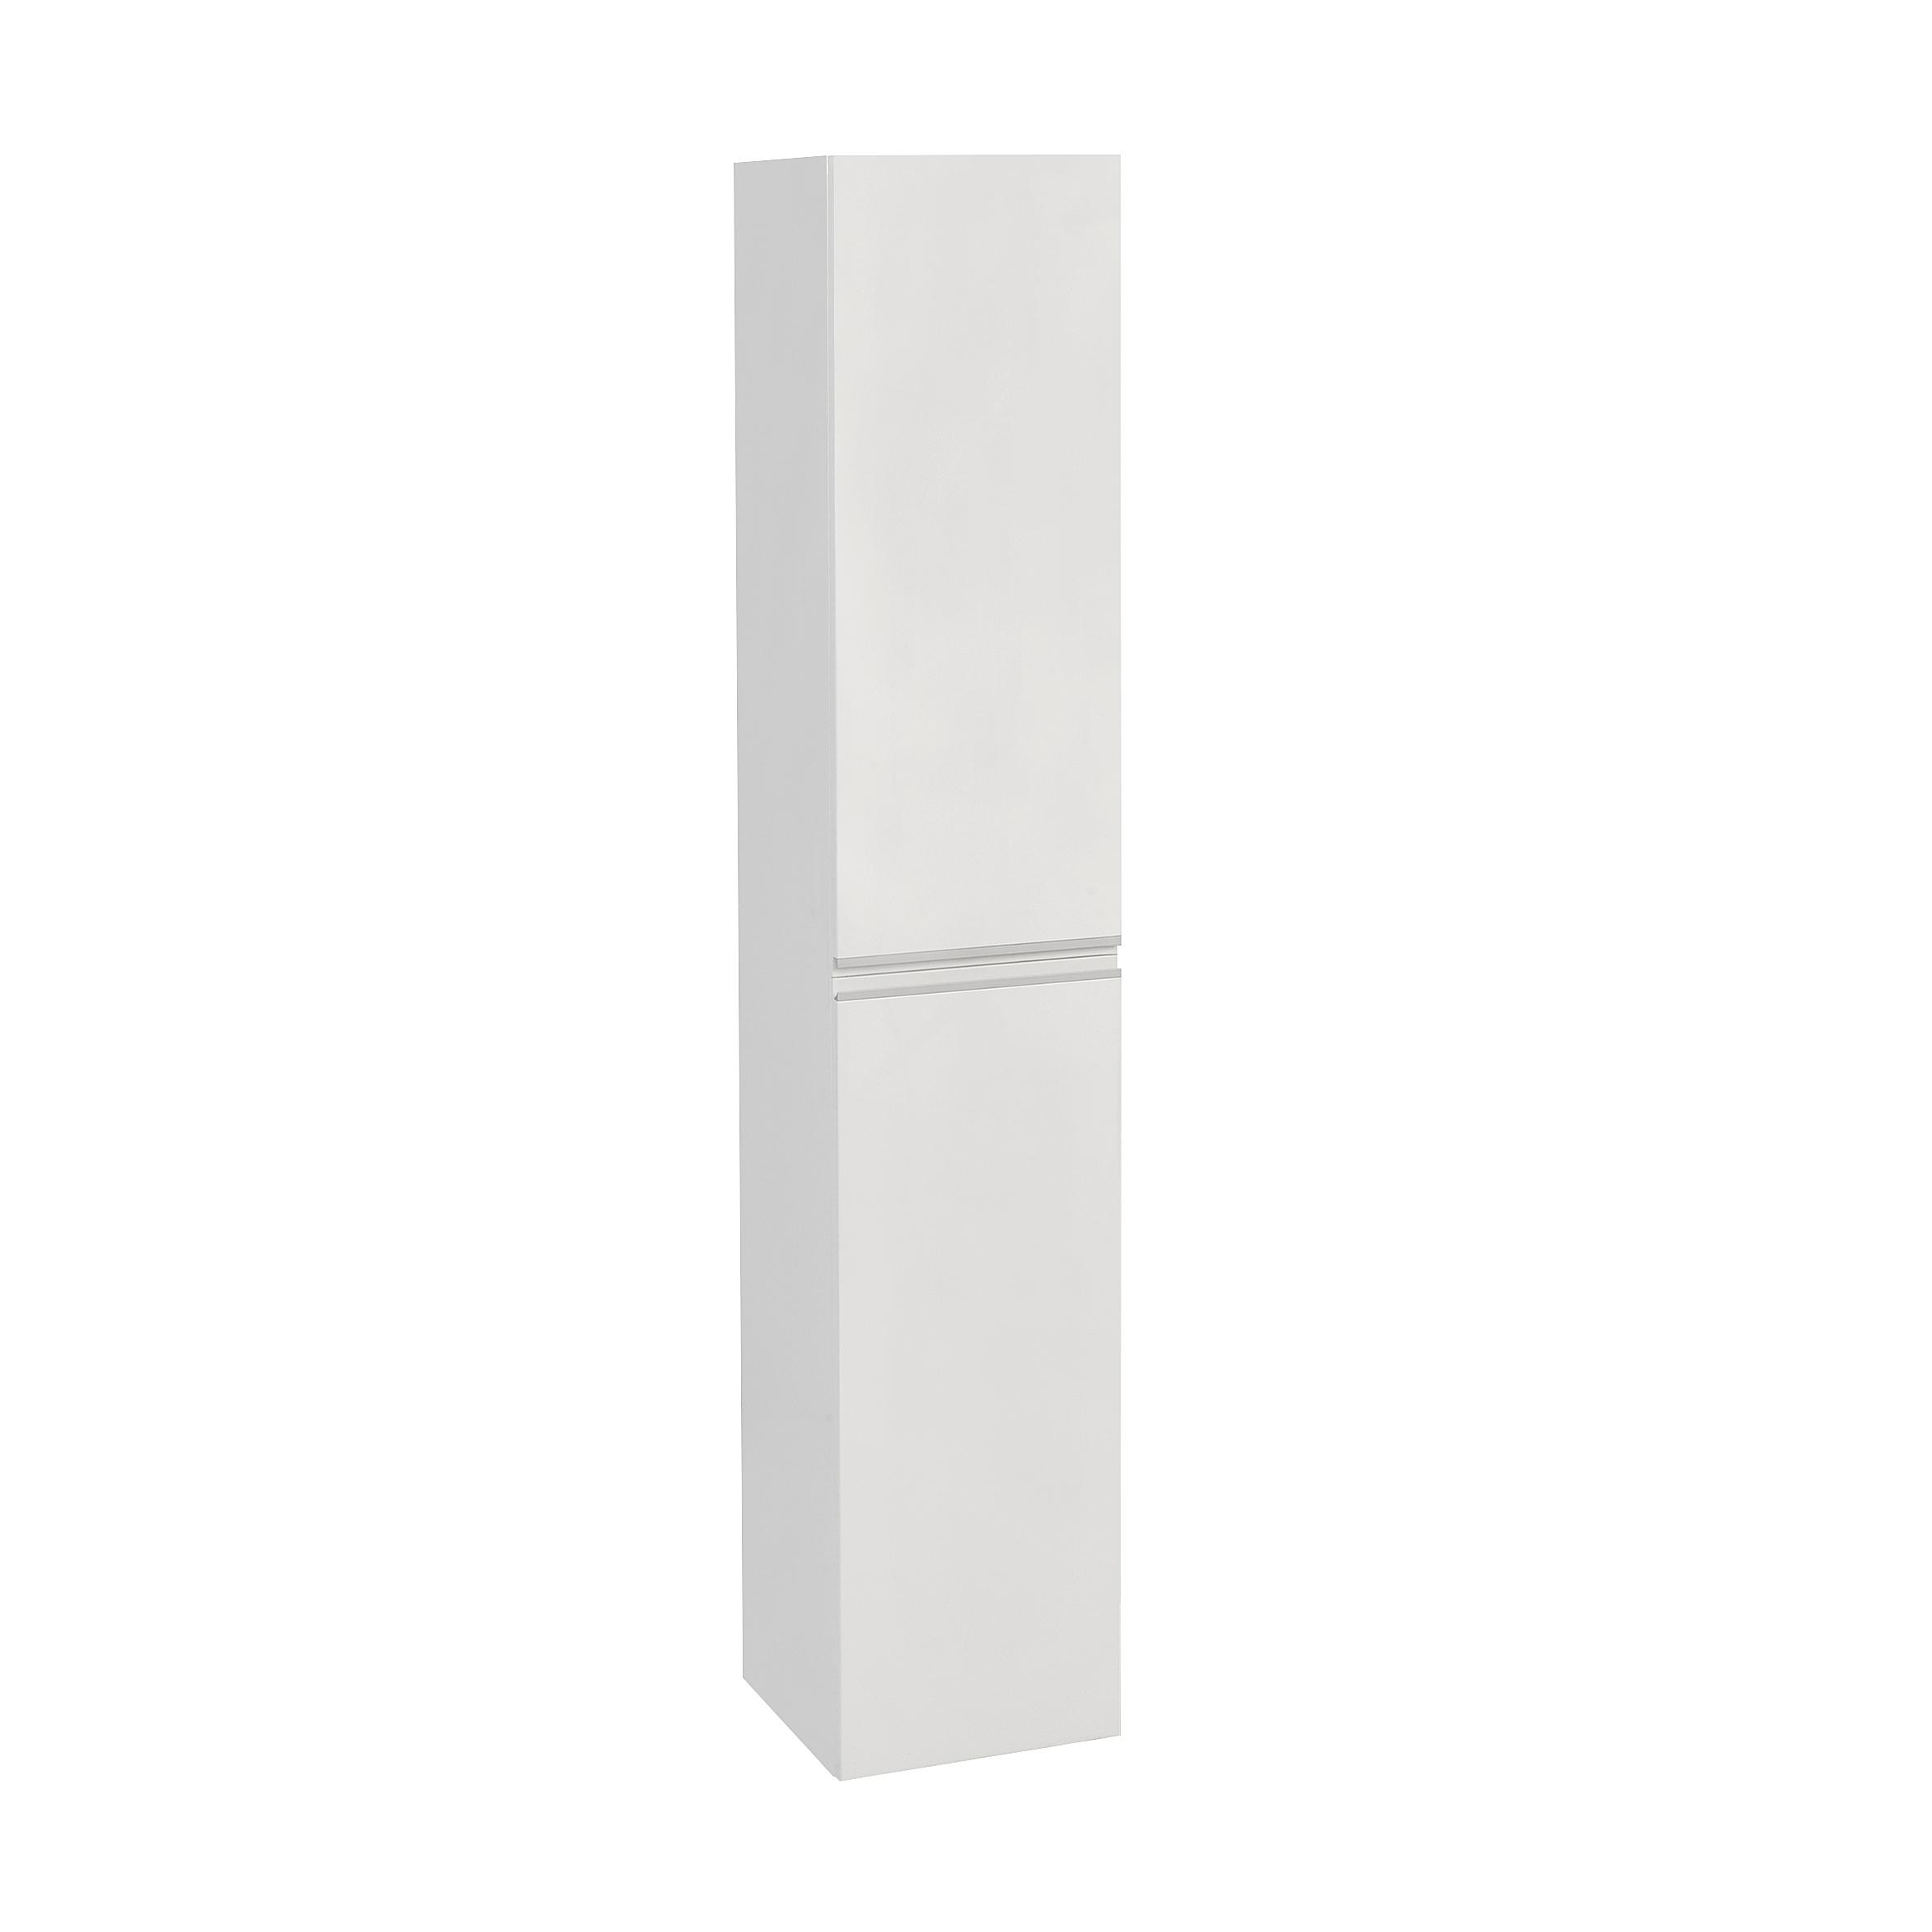 Mueller Lida badkamerkast 160x30x30cm hoogglans wit